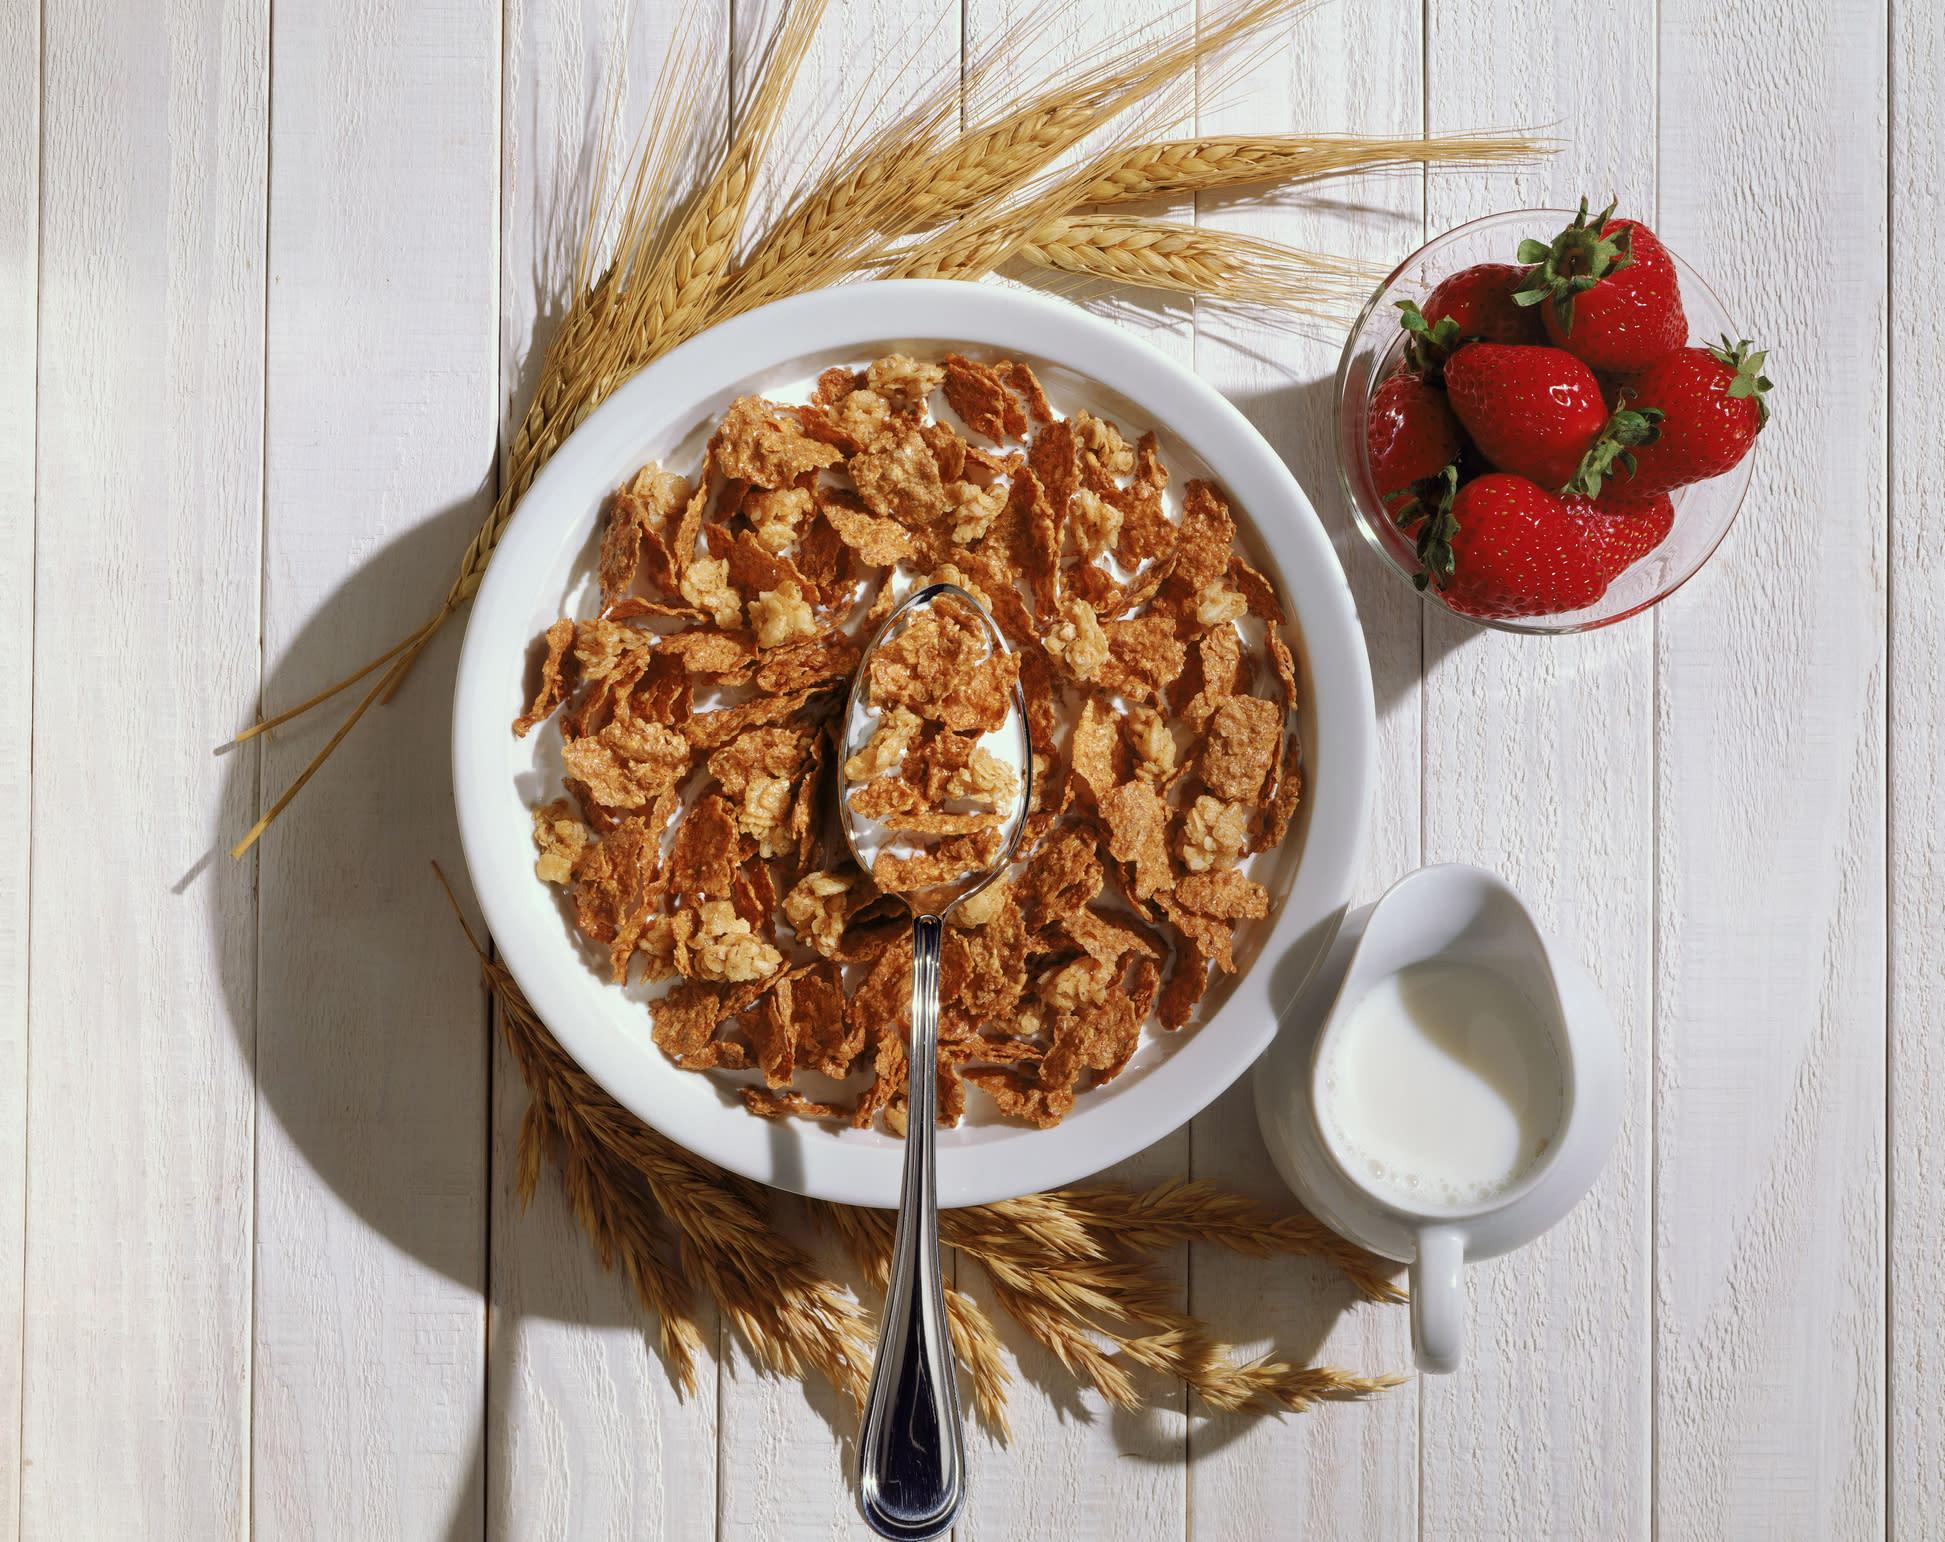 Warum Wurde Kellogs Cornflakes Erfunden